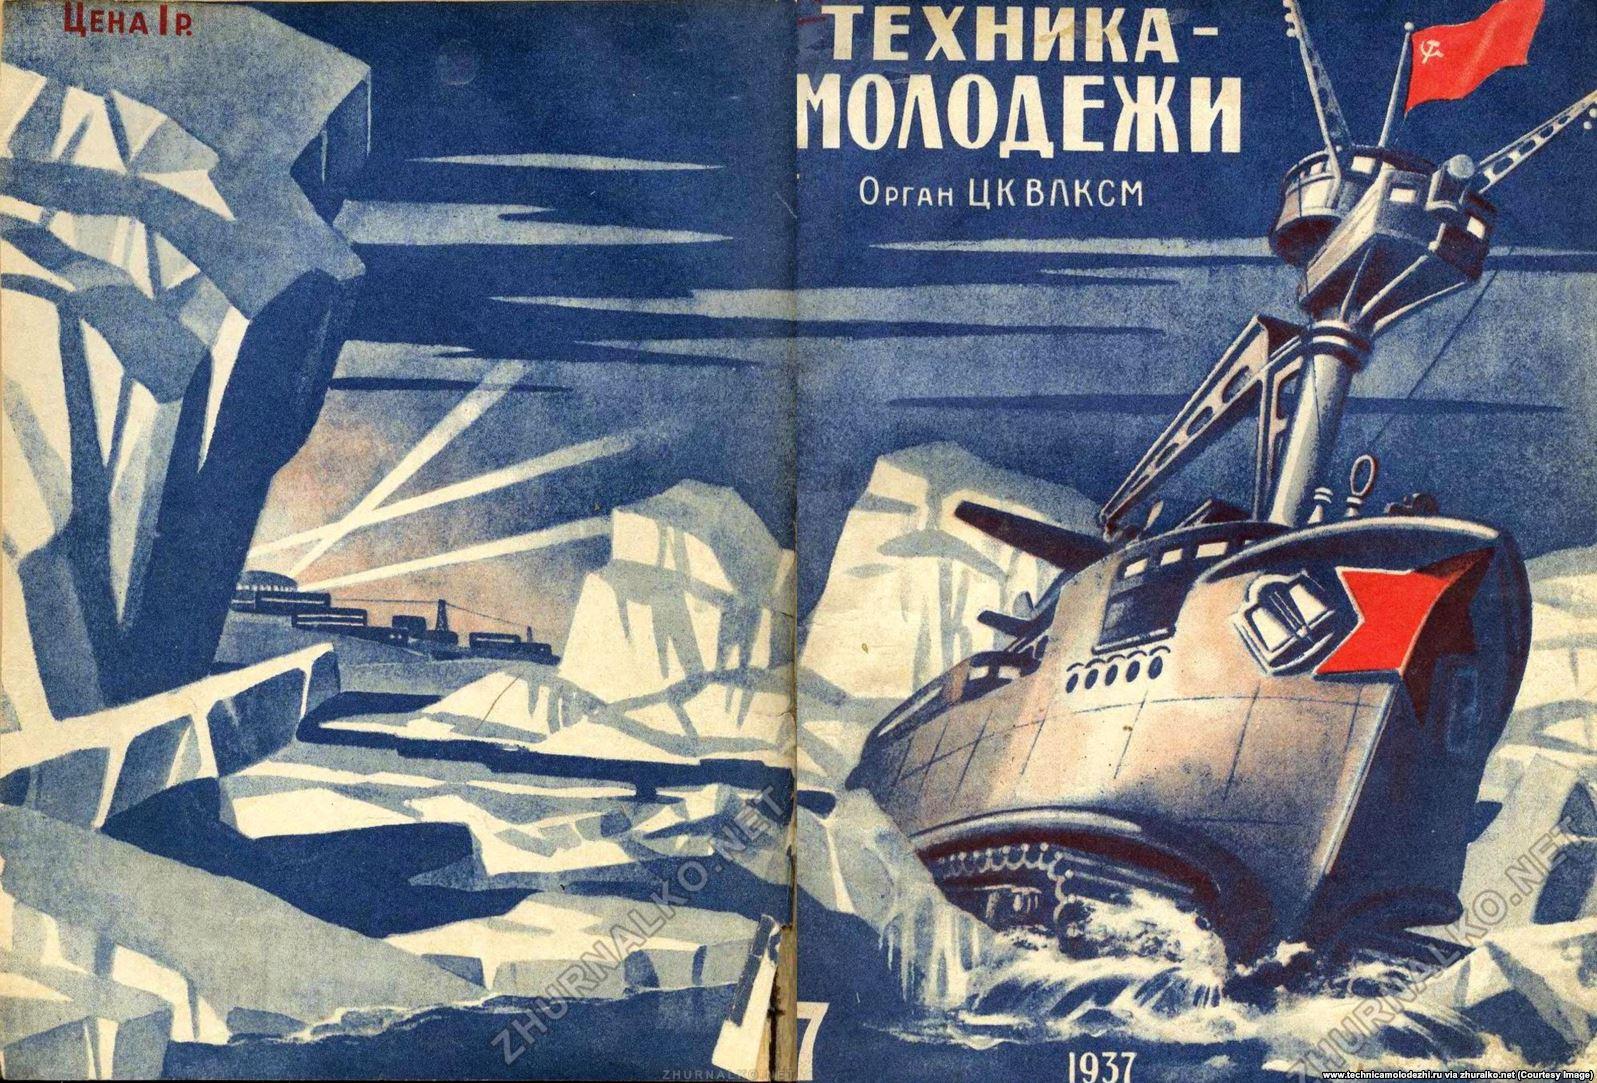 18 фото о том, как представляли себе наше будущее советские художники и фантасты